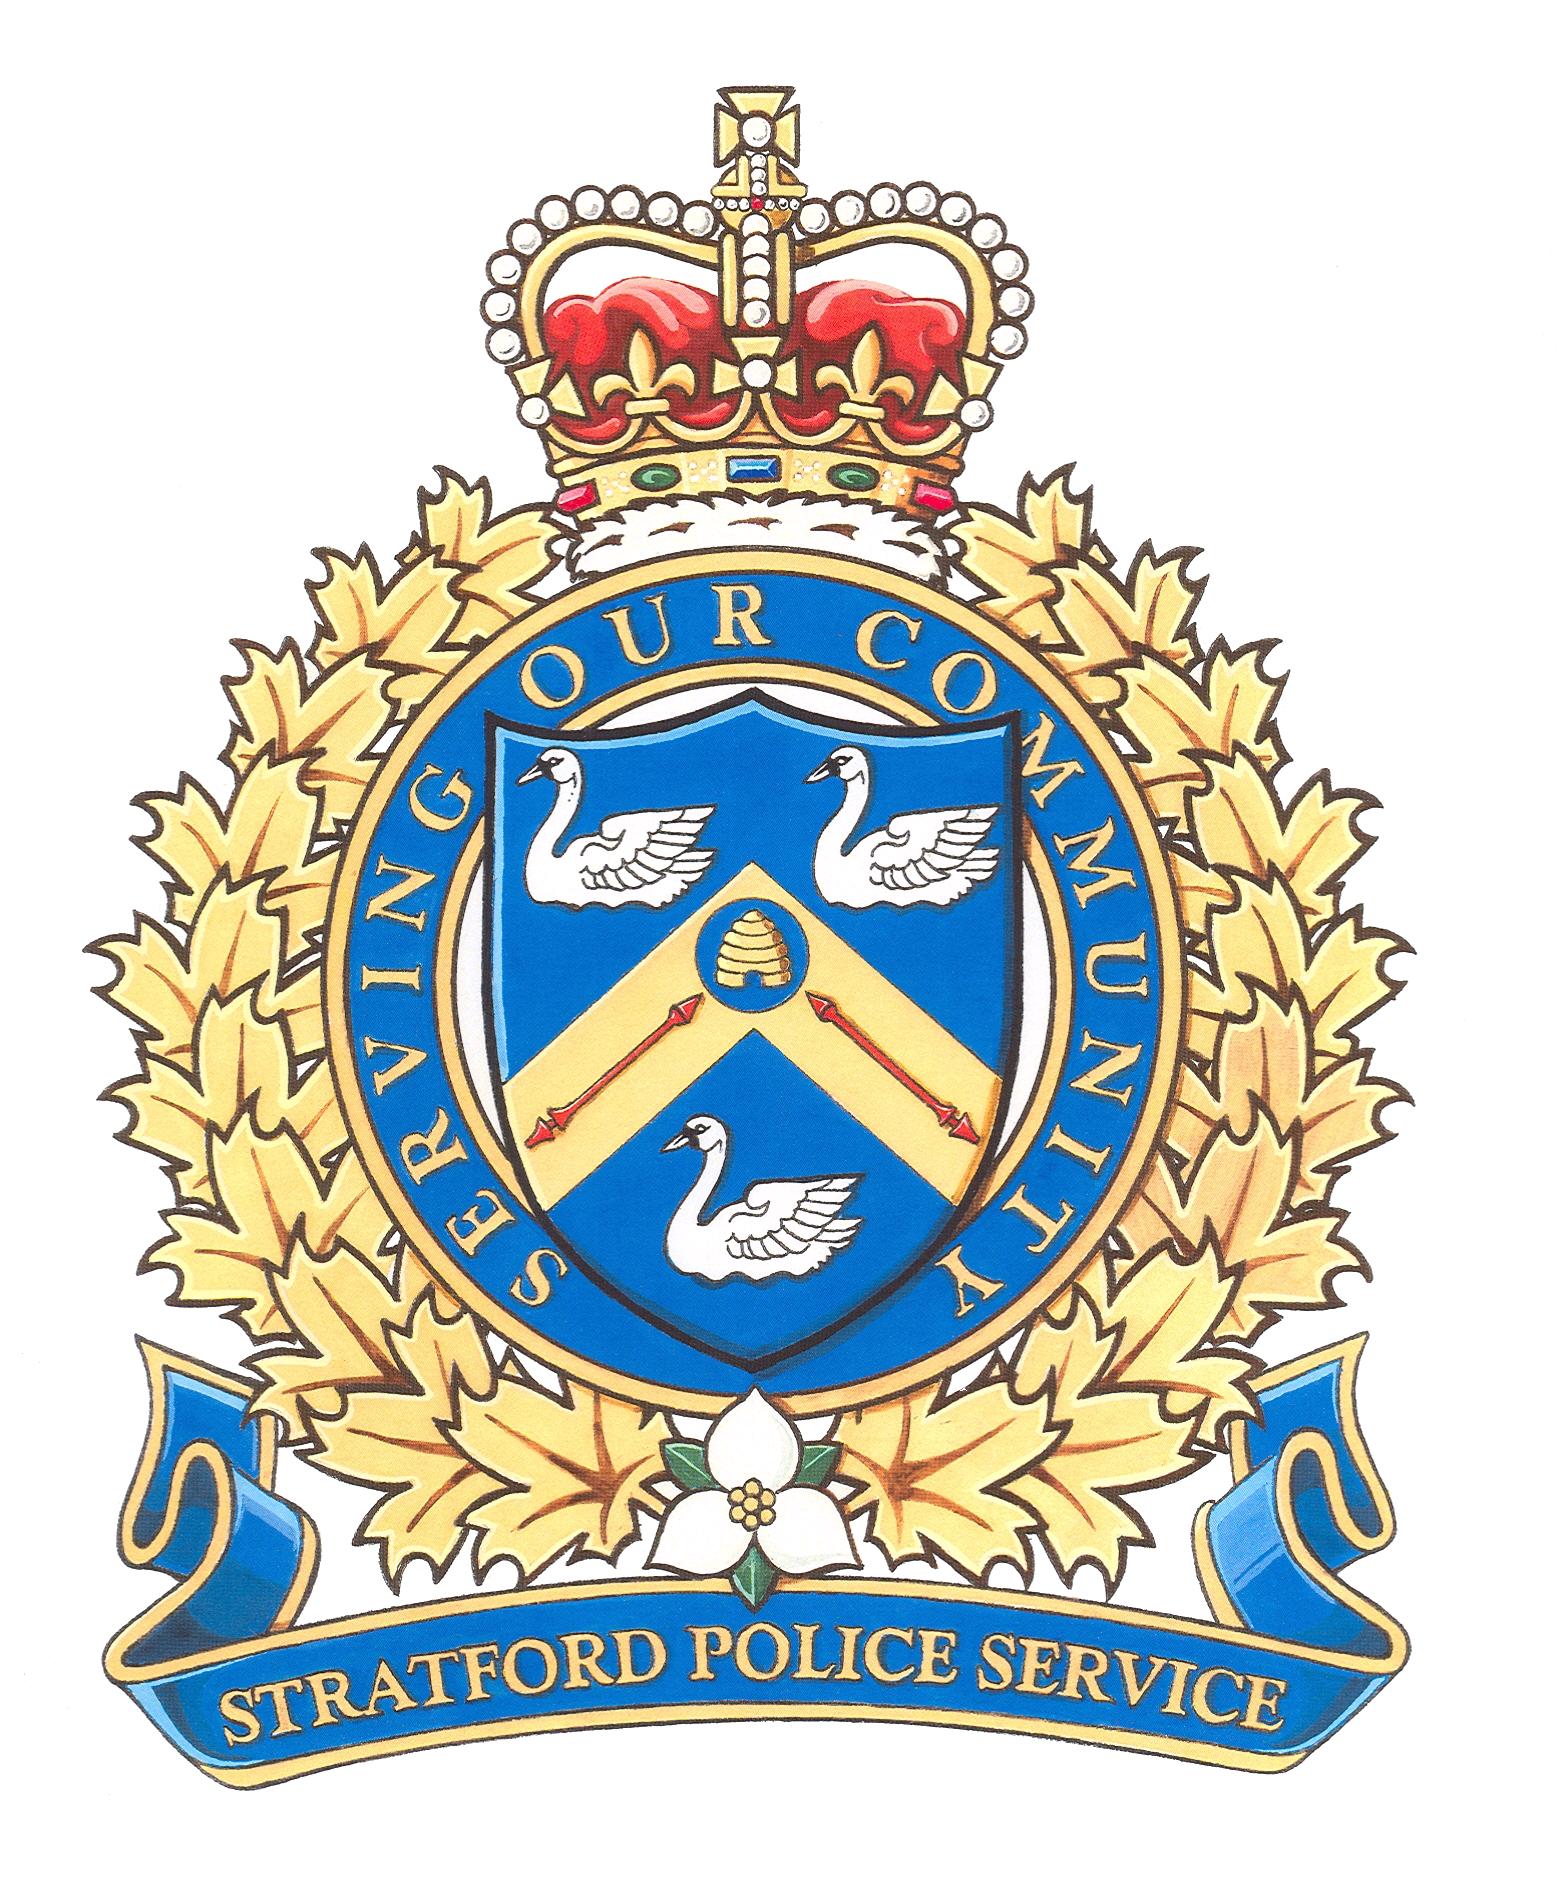 Stratford Police Service